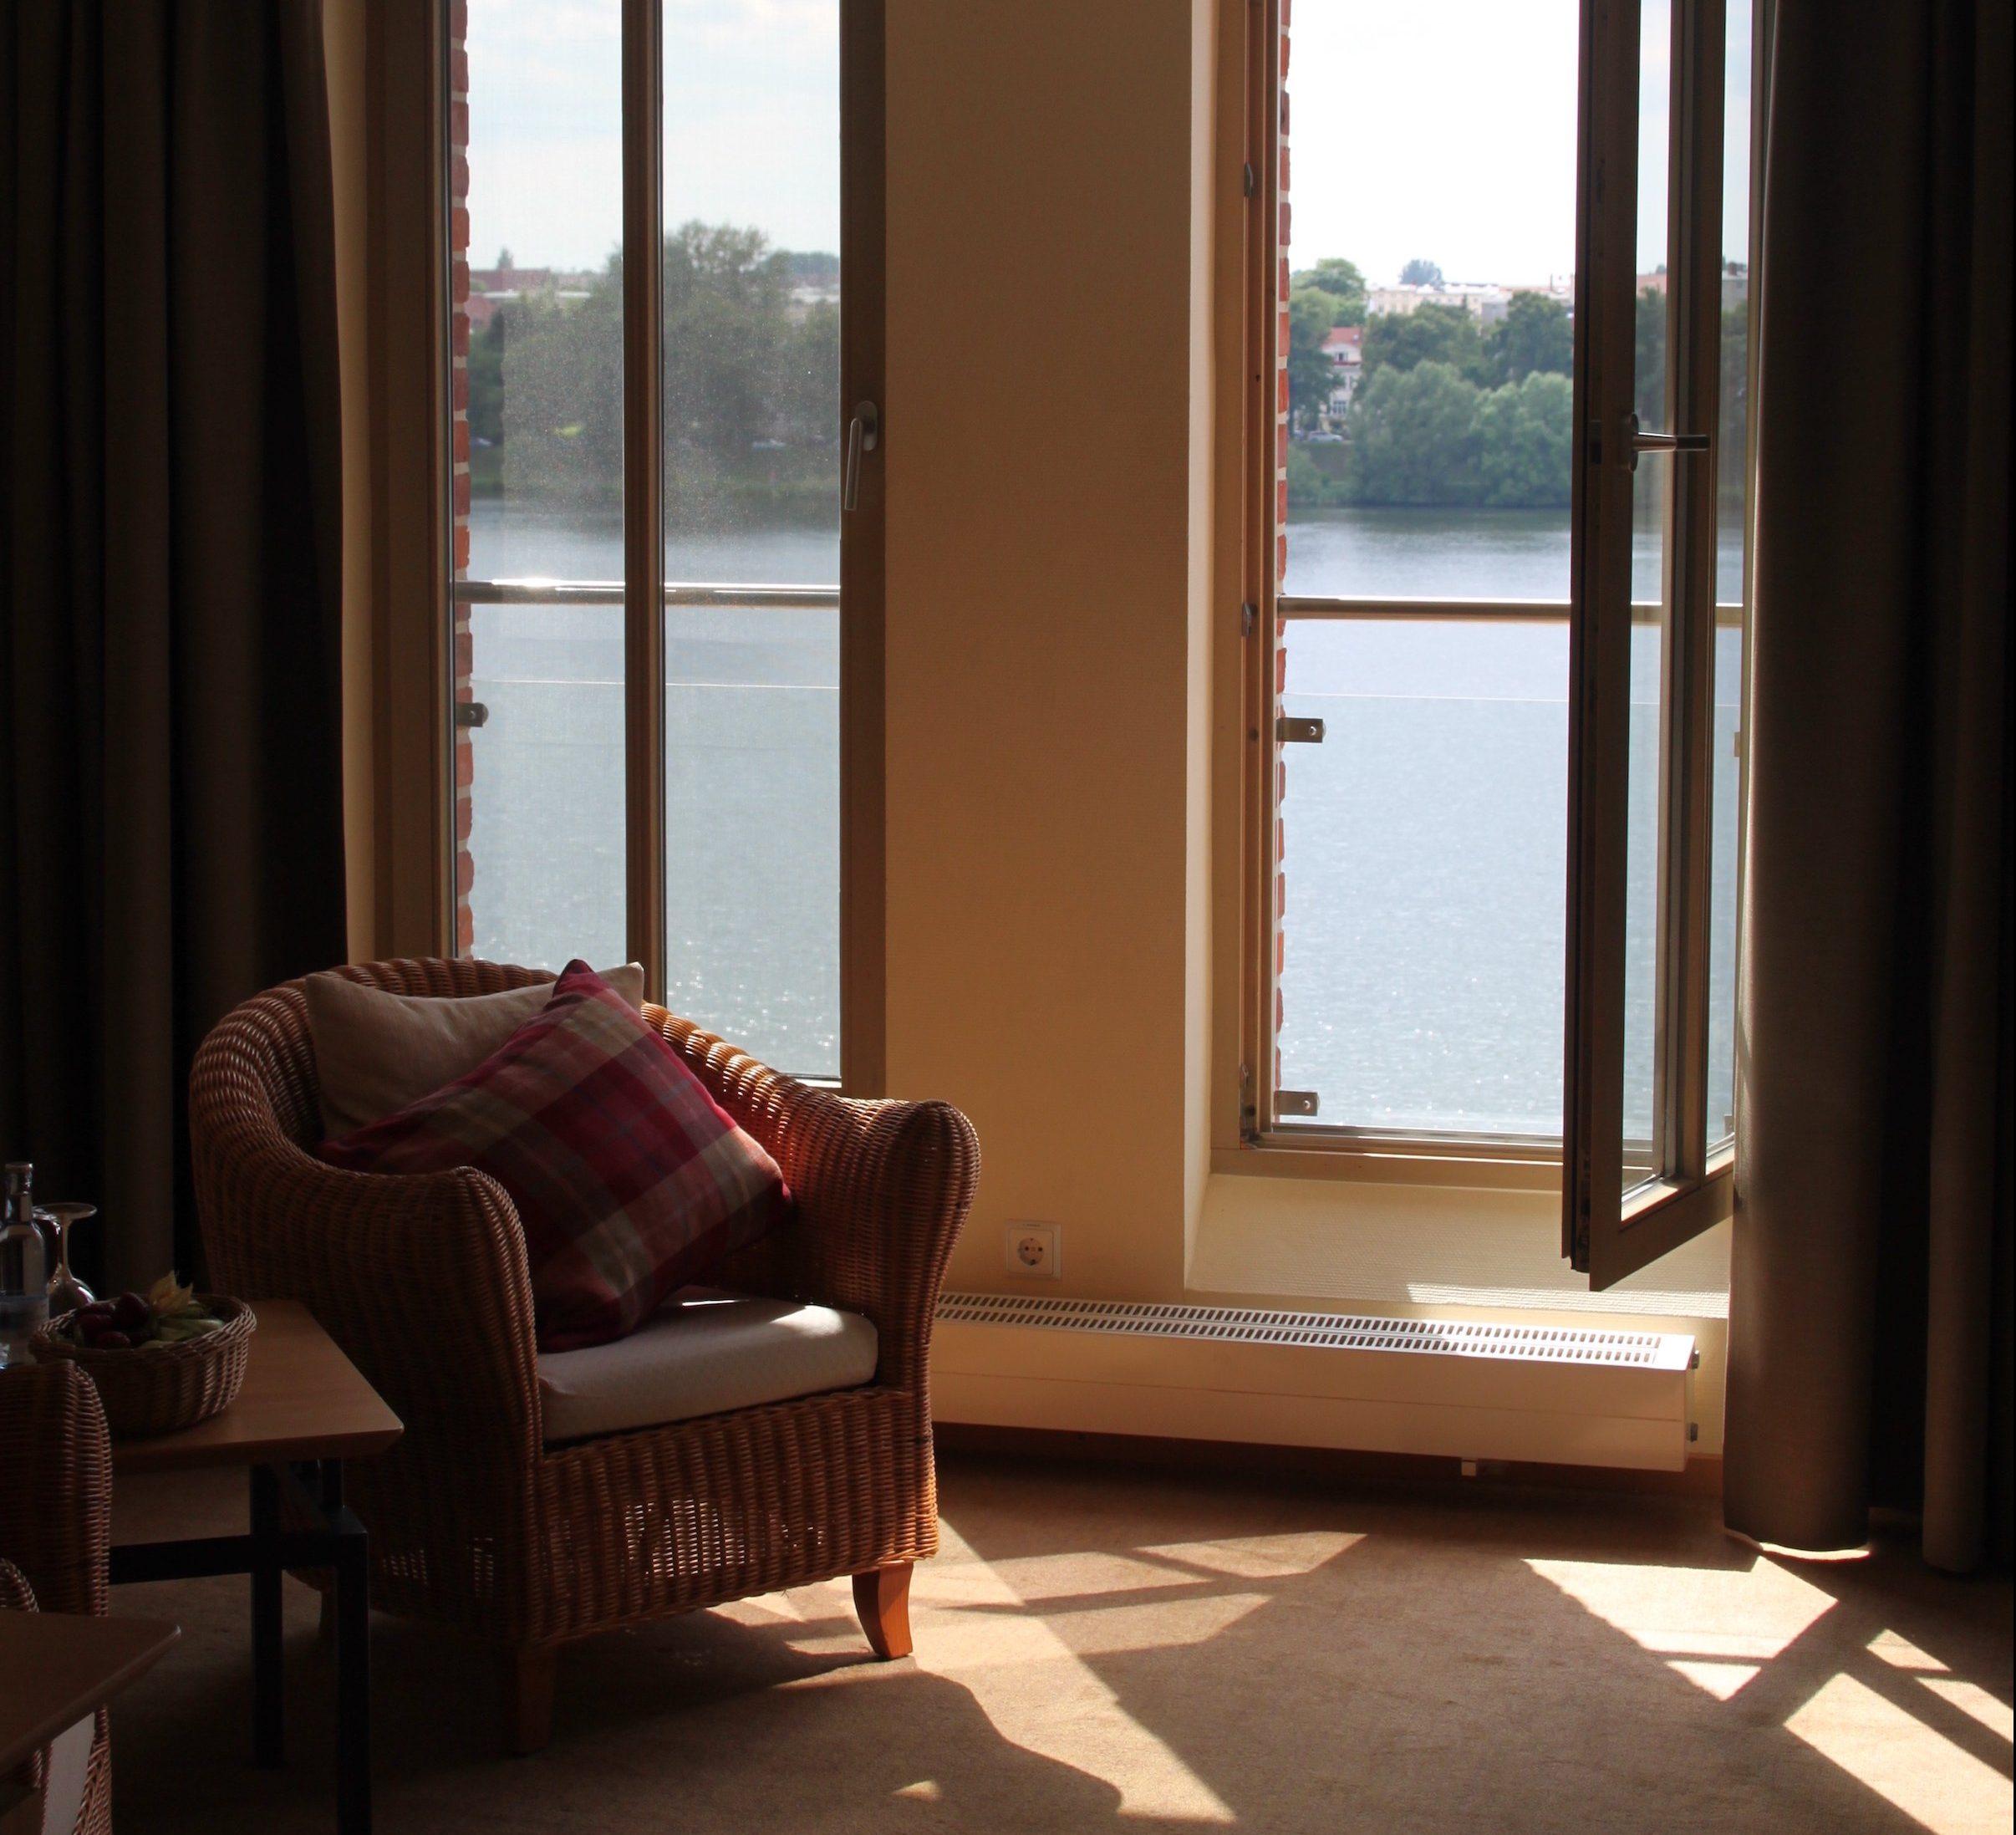 Hotel Speicher am Ziegelsee – Room